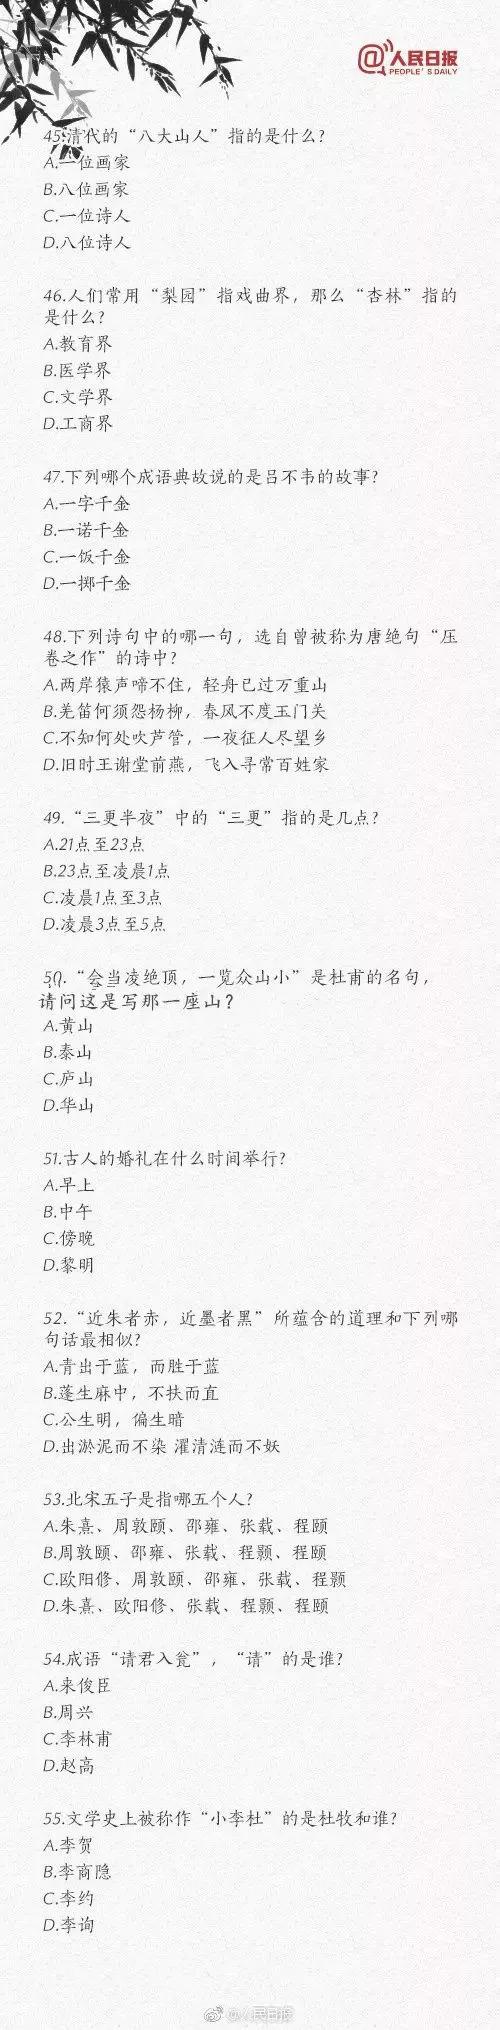 六合开奖结果直播 5